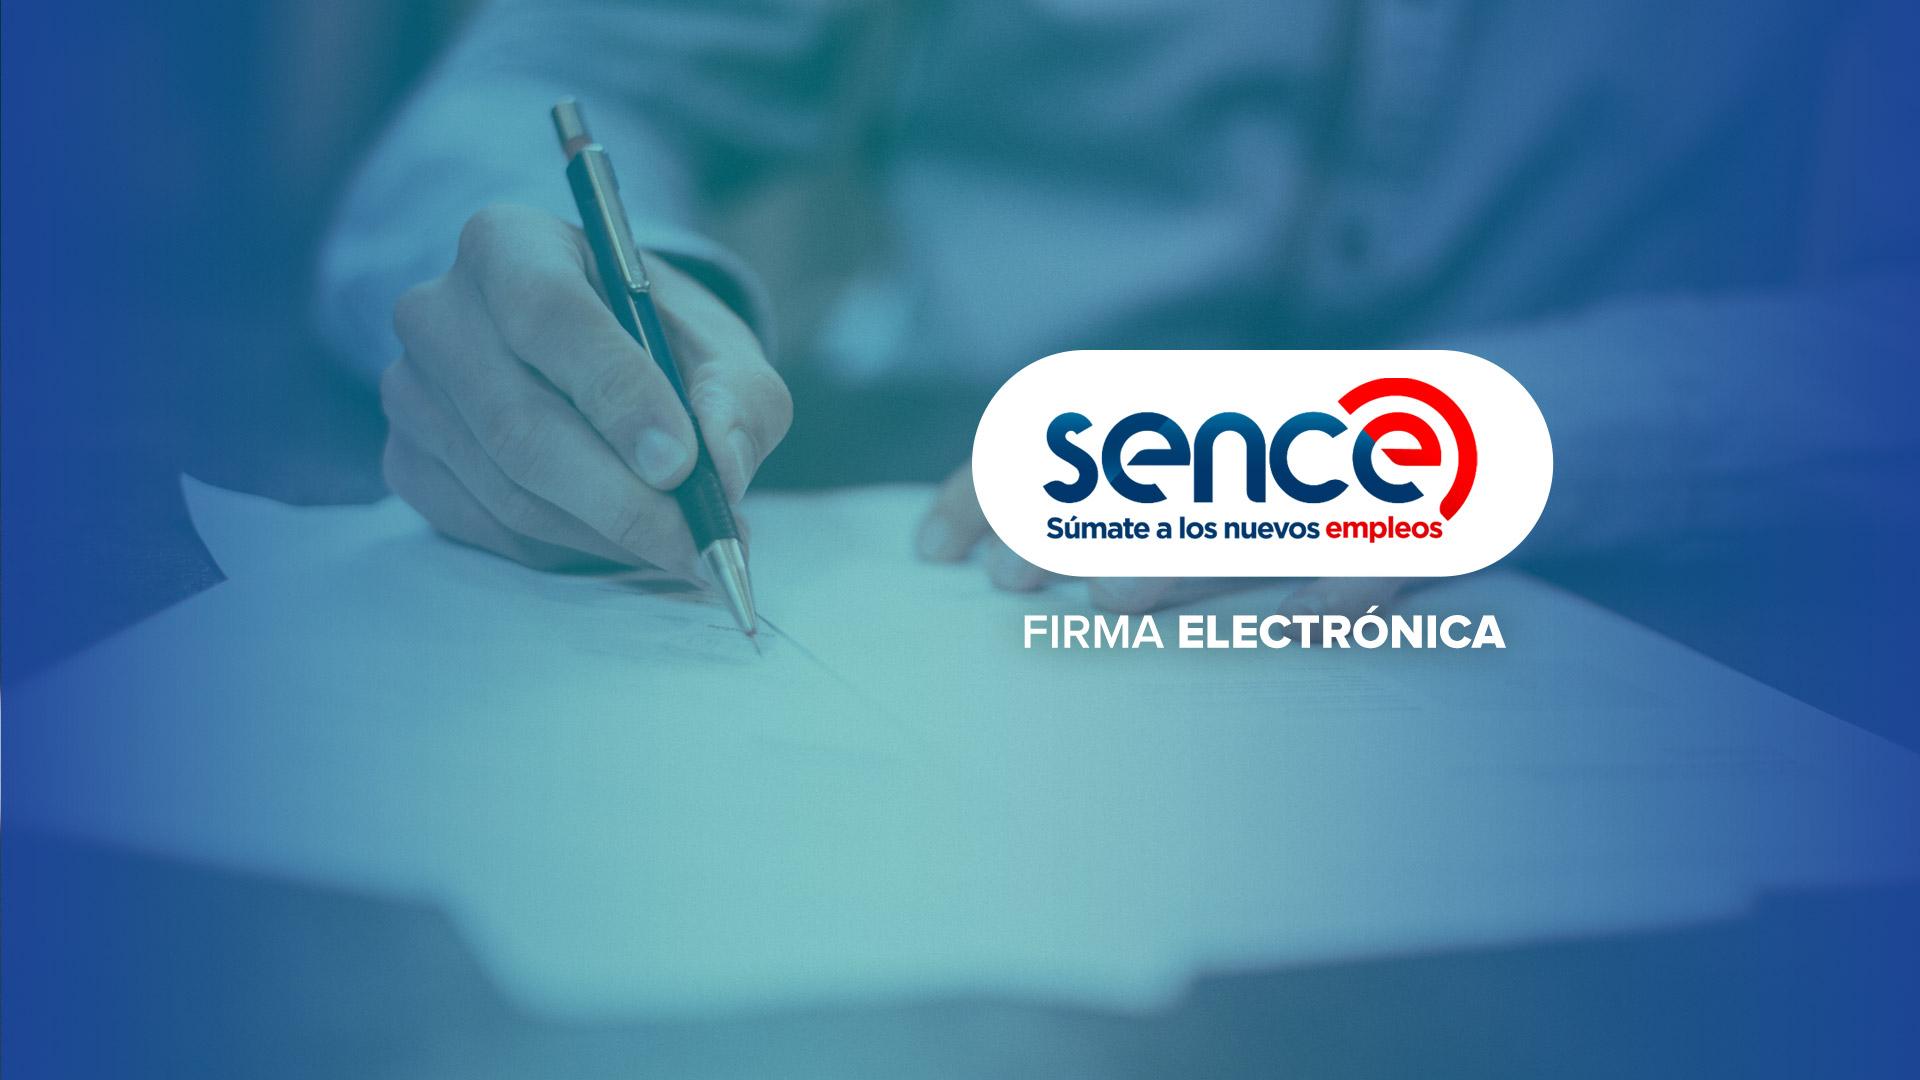 comunicado_firmaelectronica